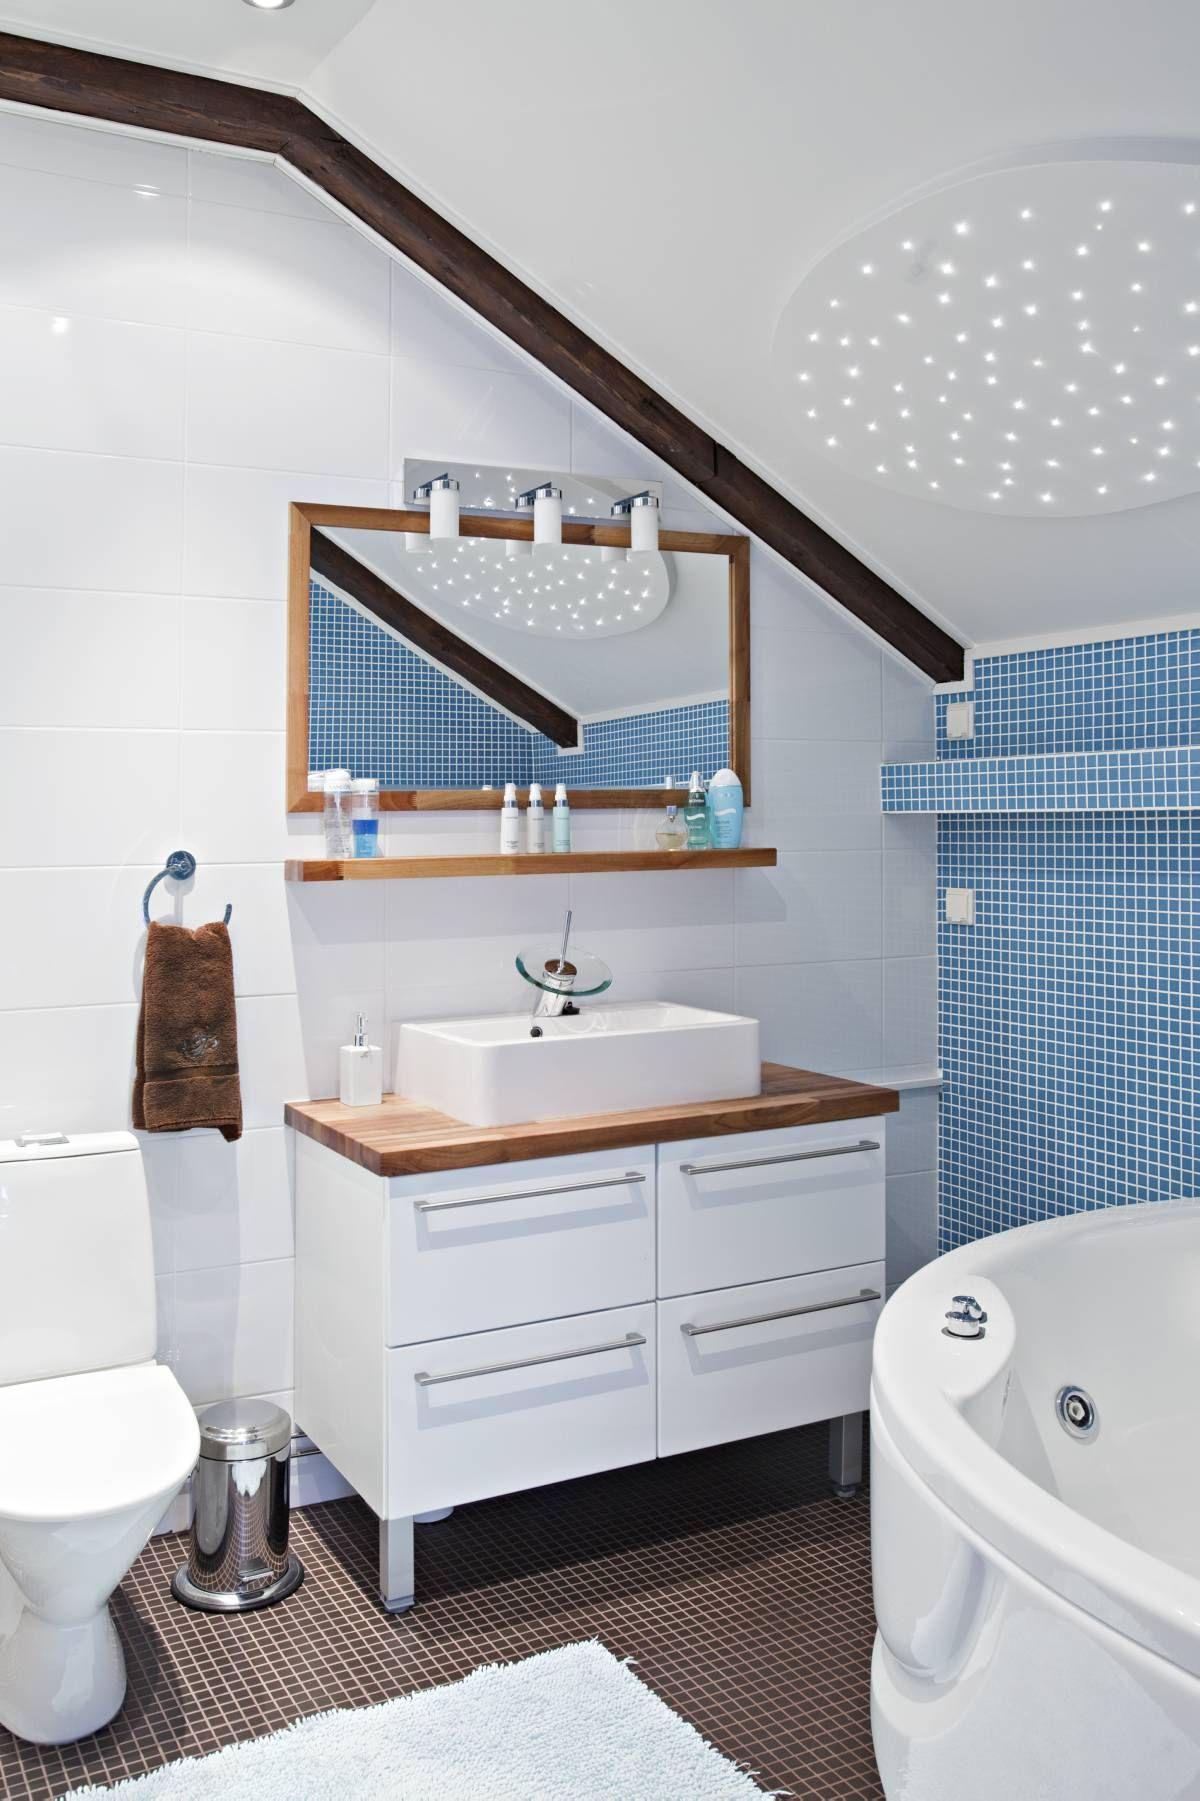 Yläkerran spa-kylpyhuonetta valaisee led-tähtitaivas ...